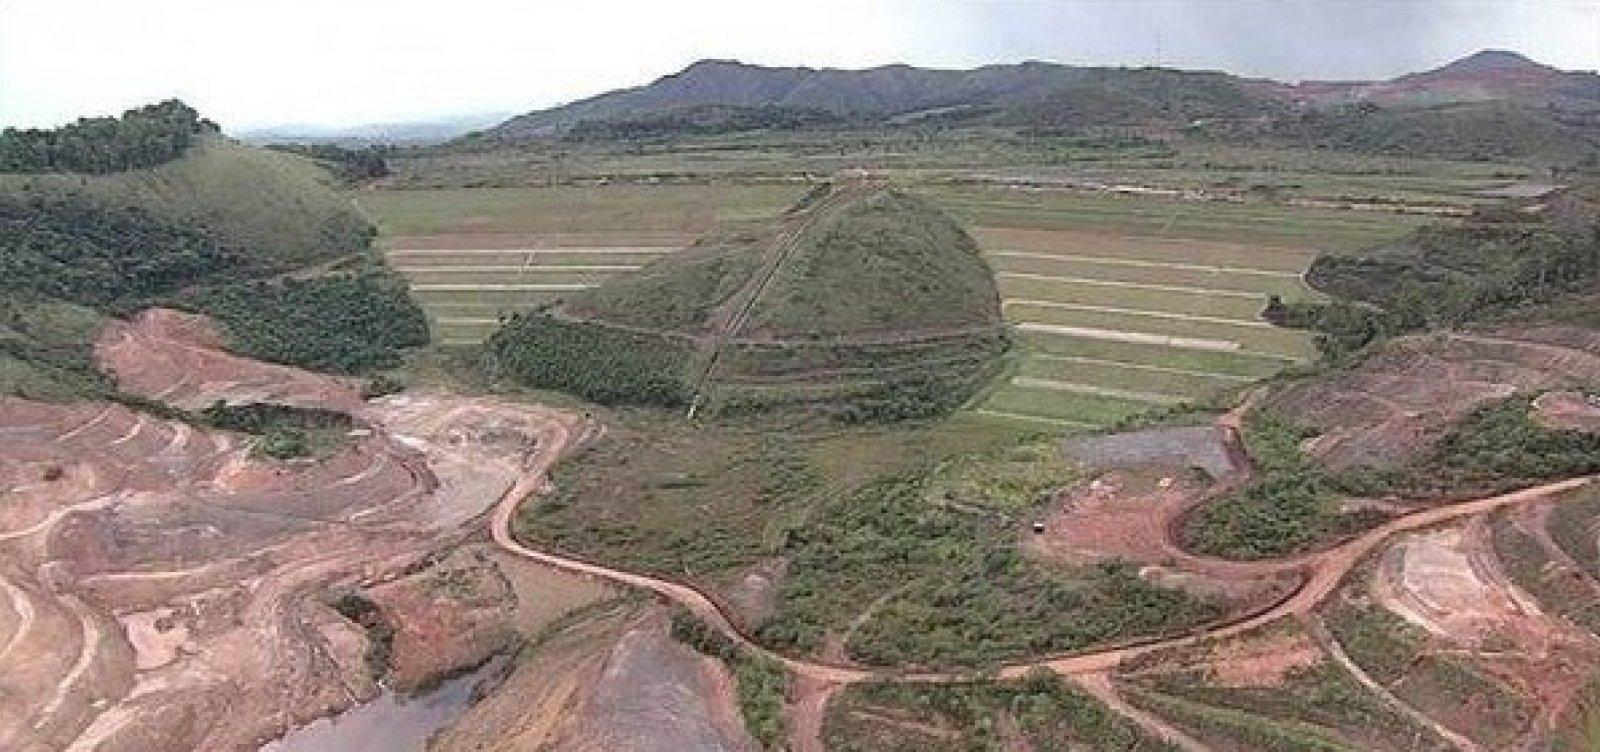 Vale aciona protocolo de emergência em barragem de Ouro Preto